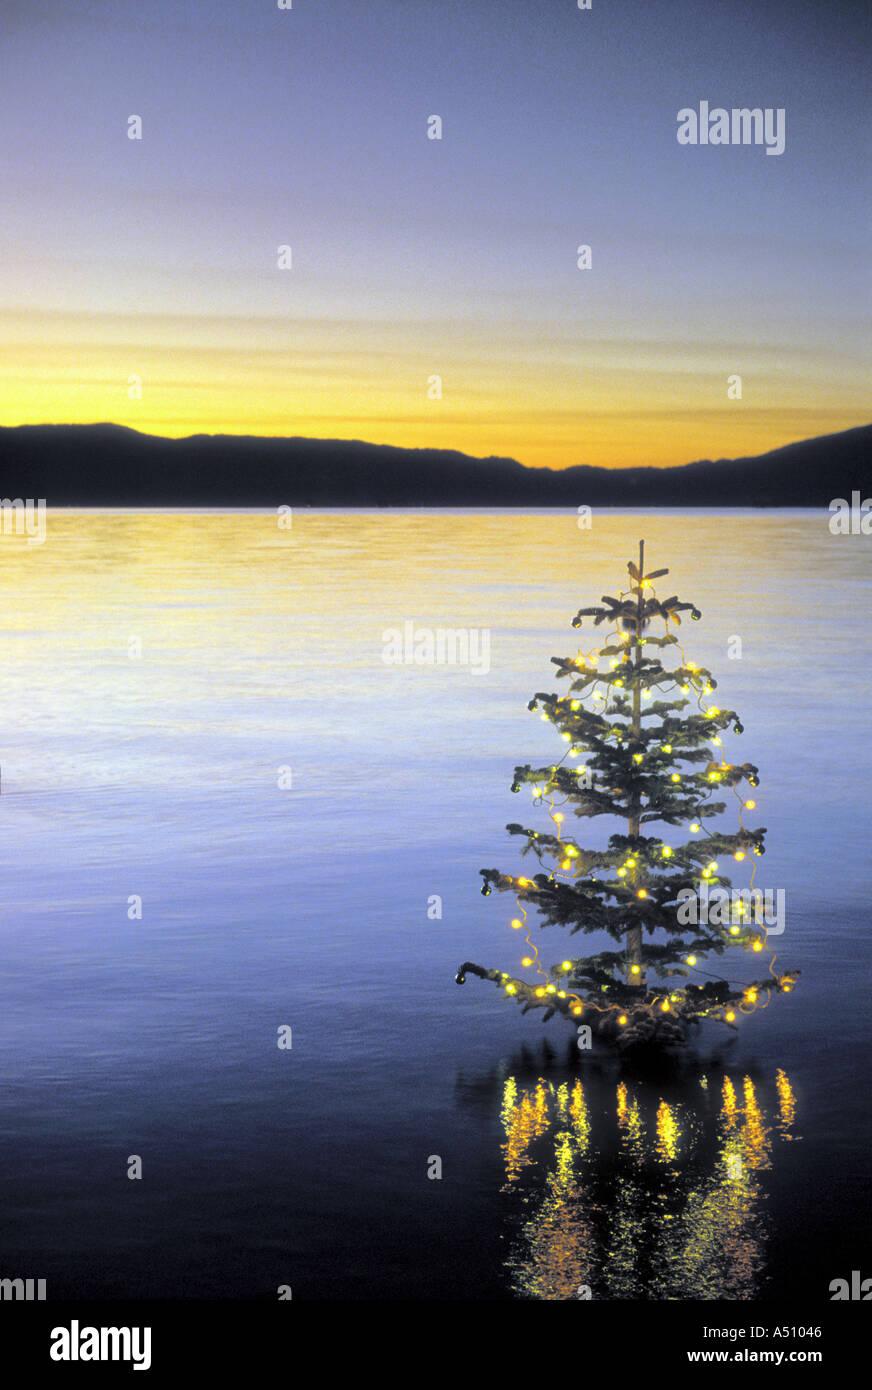 Geschmückter Weihnachtsbaum in ruhigem Wasser mit Lichtern Lake Tahoe, Kalifornien USA Stockbild